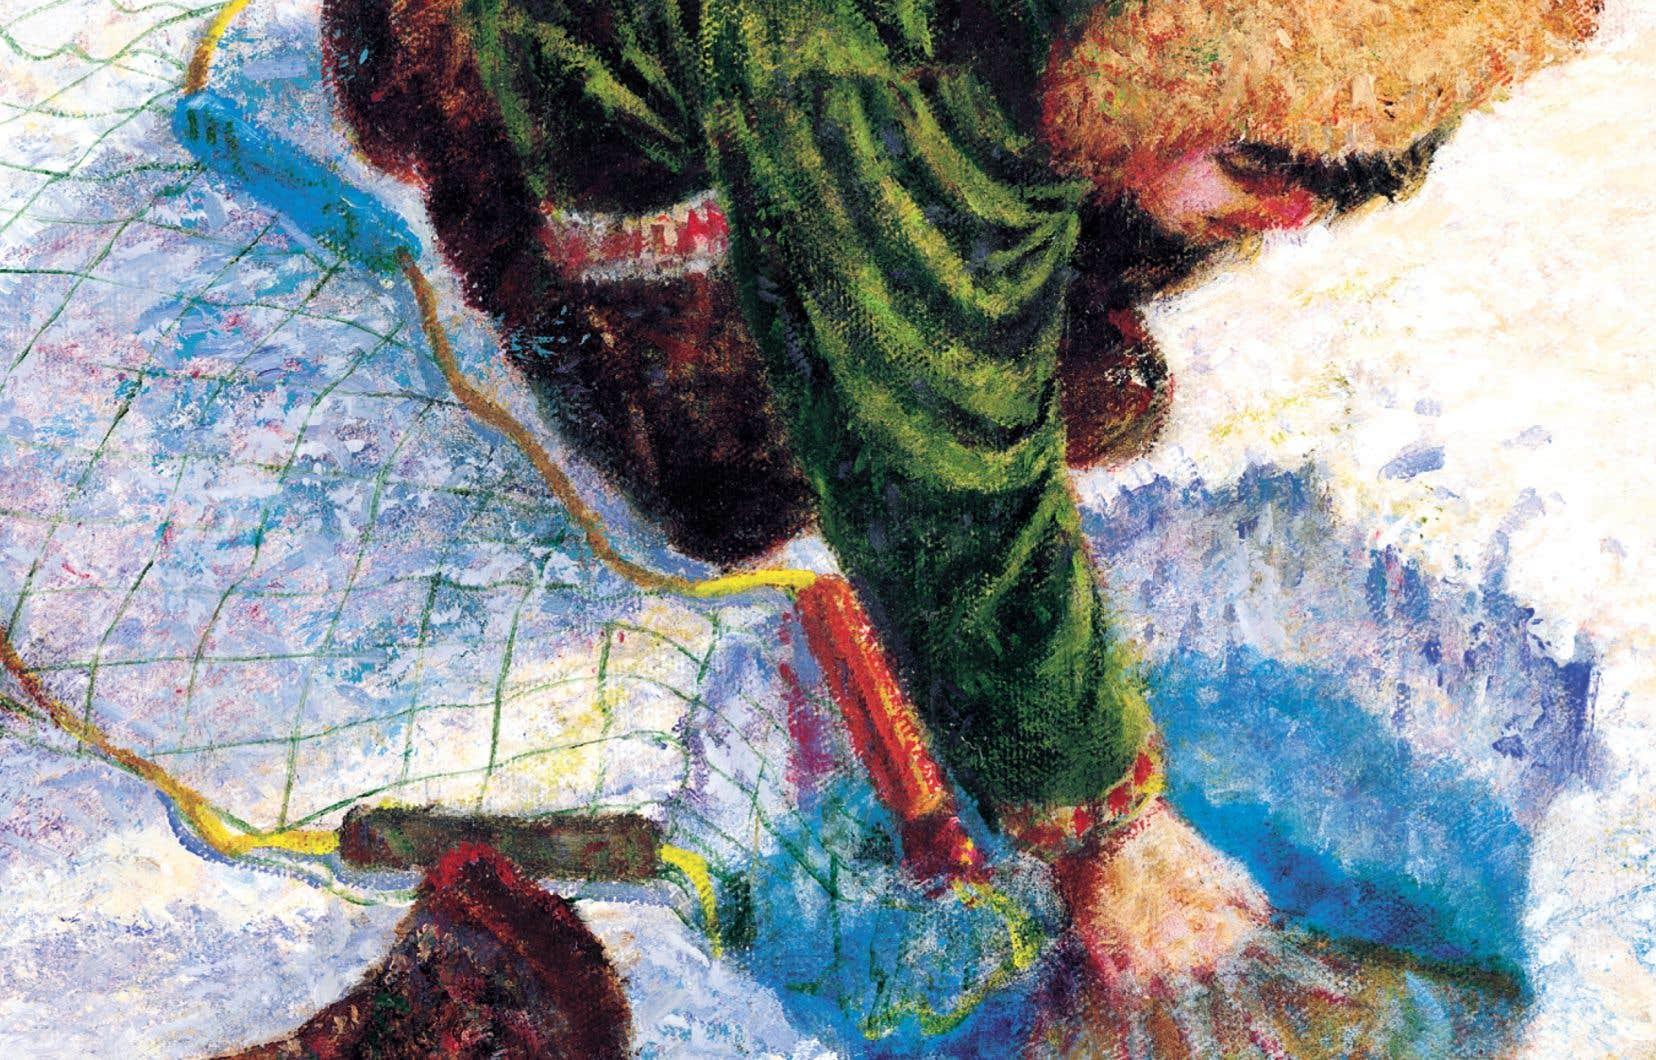 Détail de l'illustration tirée d'«Un renard sur la glace»